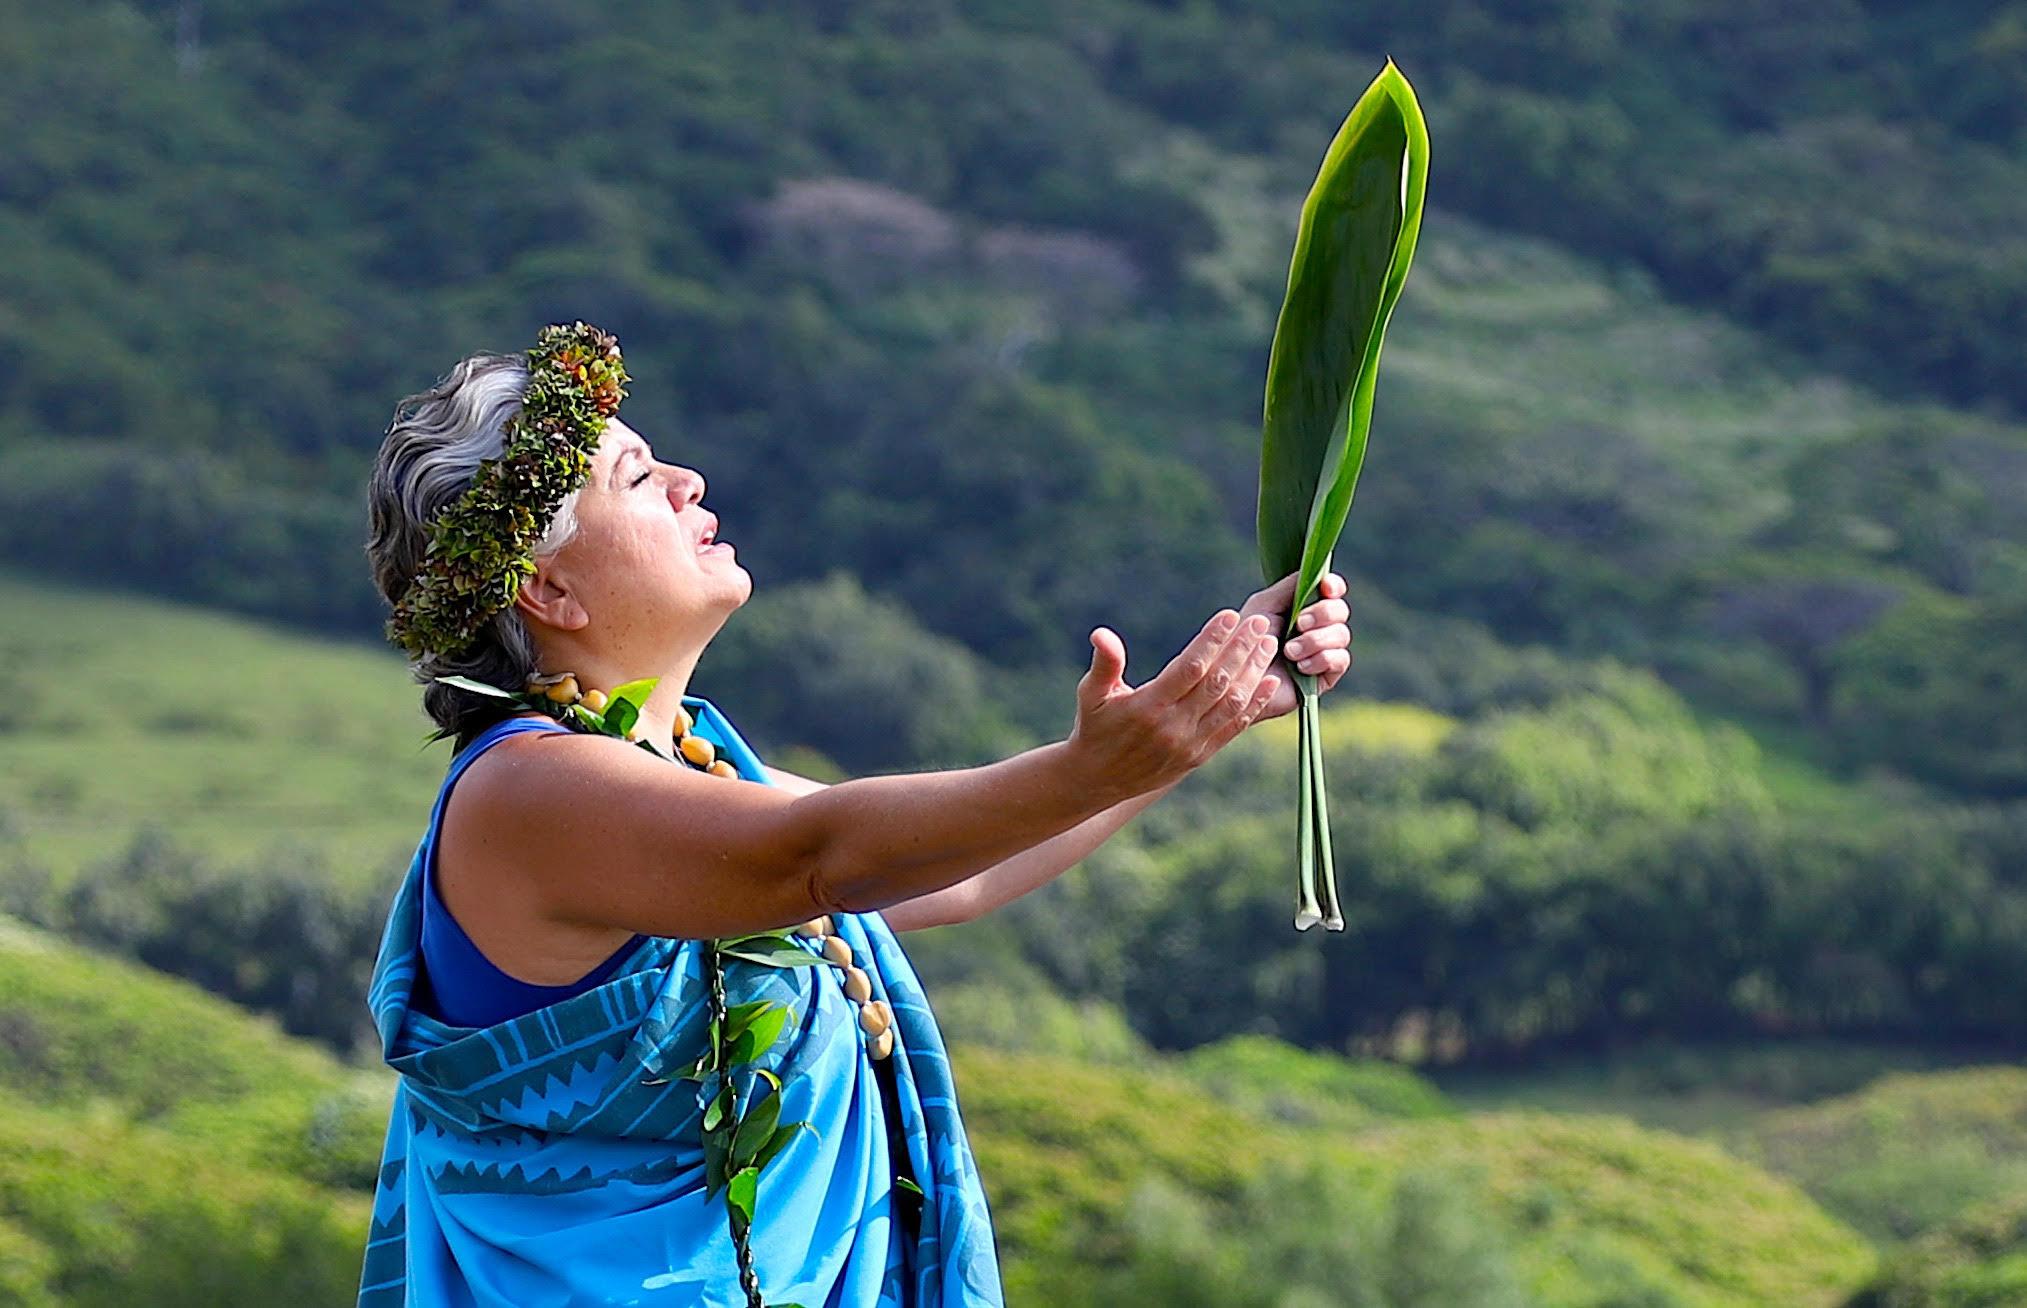 Ho'oponopono is alive and asking for change. Kahu Lāhela Johnson.